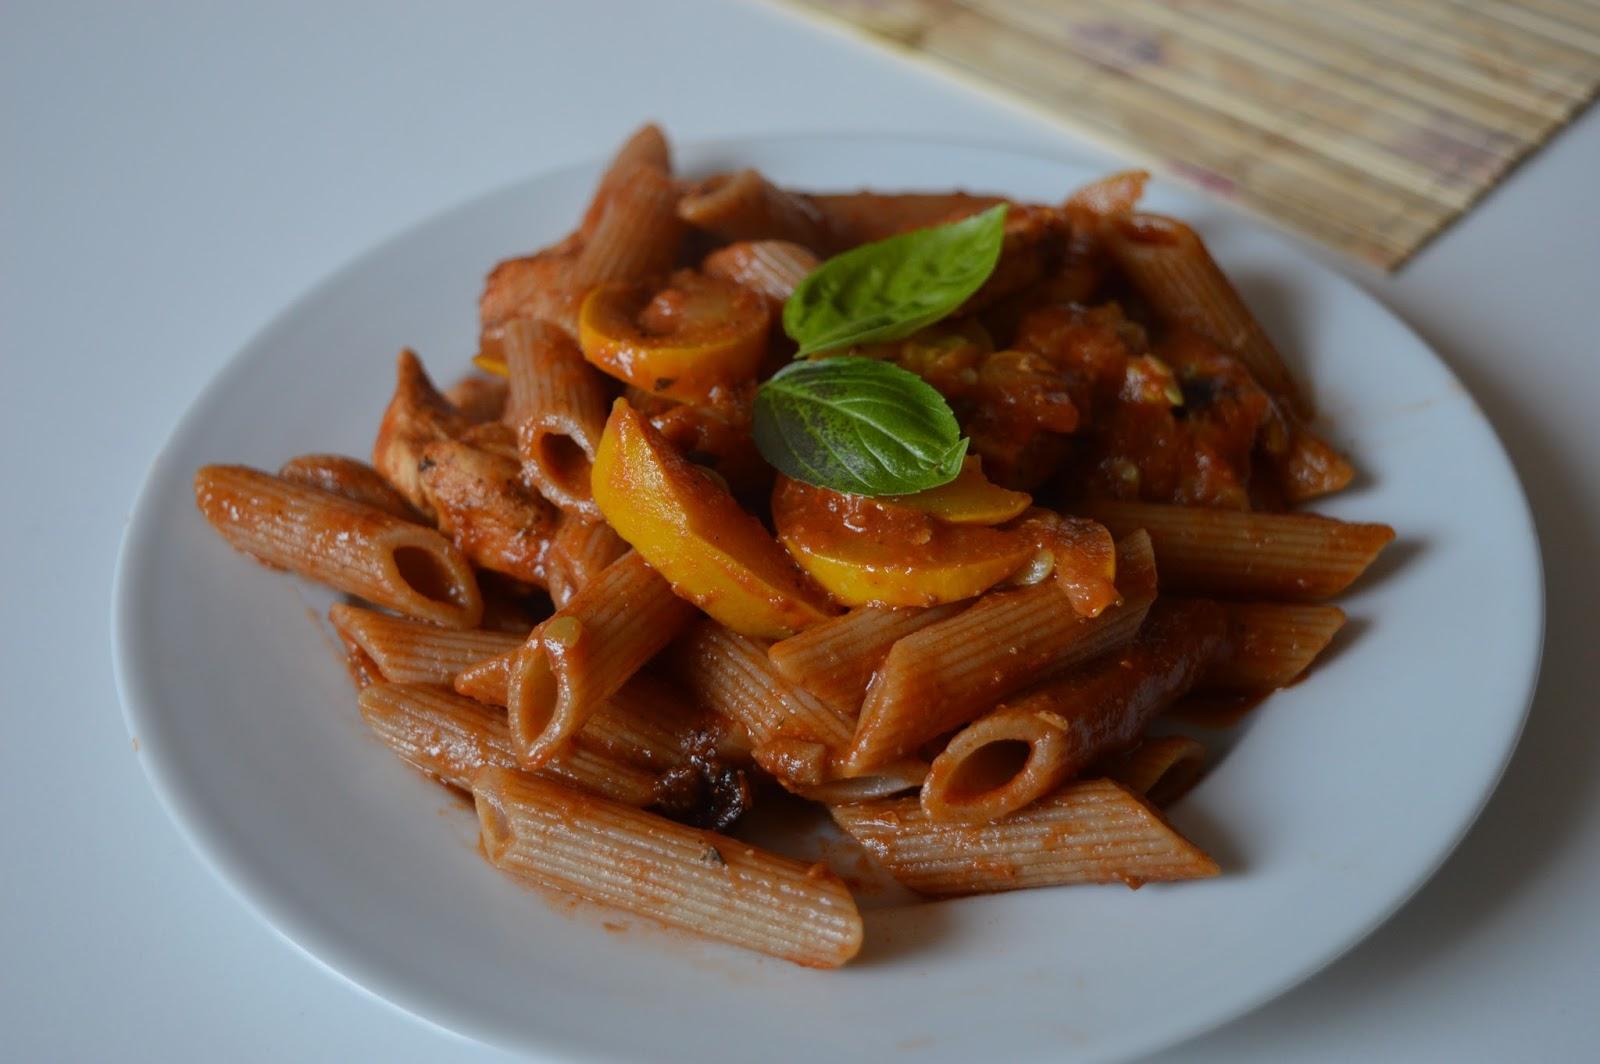 makaron pełnoziarnisty z sosem pomidorowym i cukinią